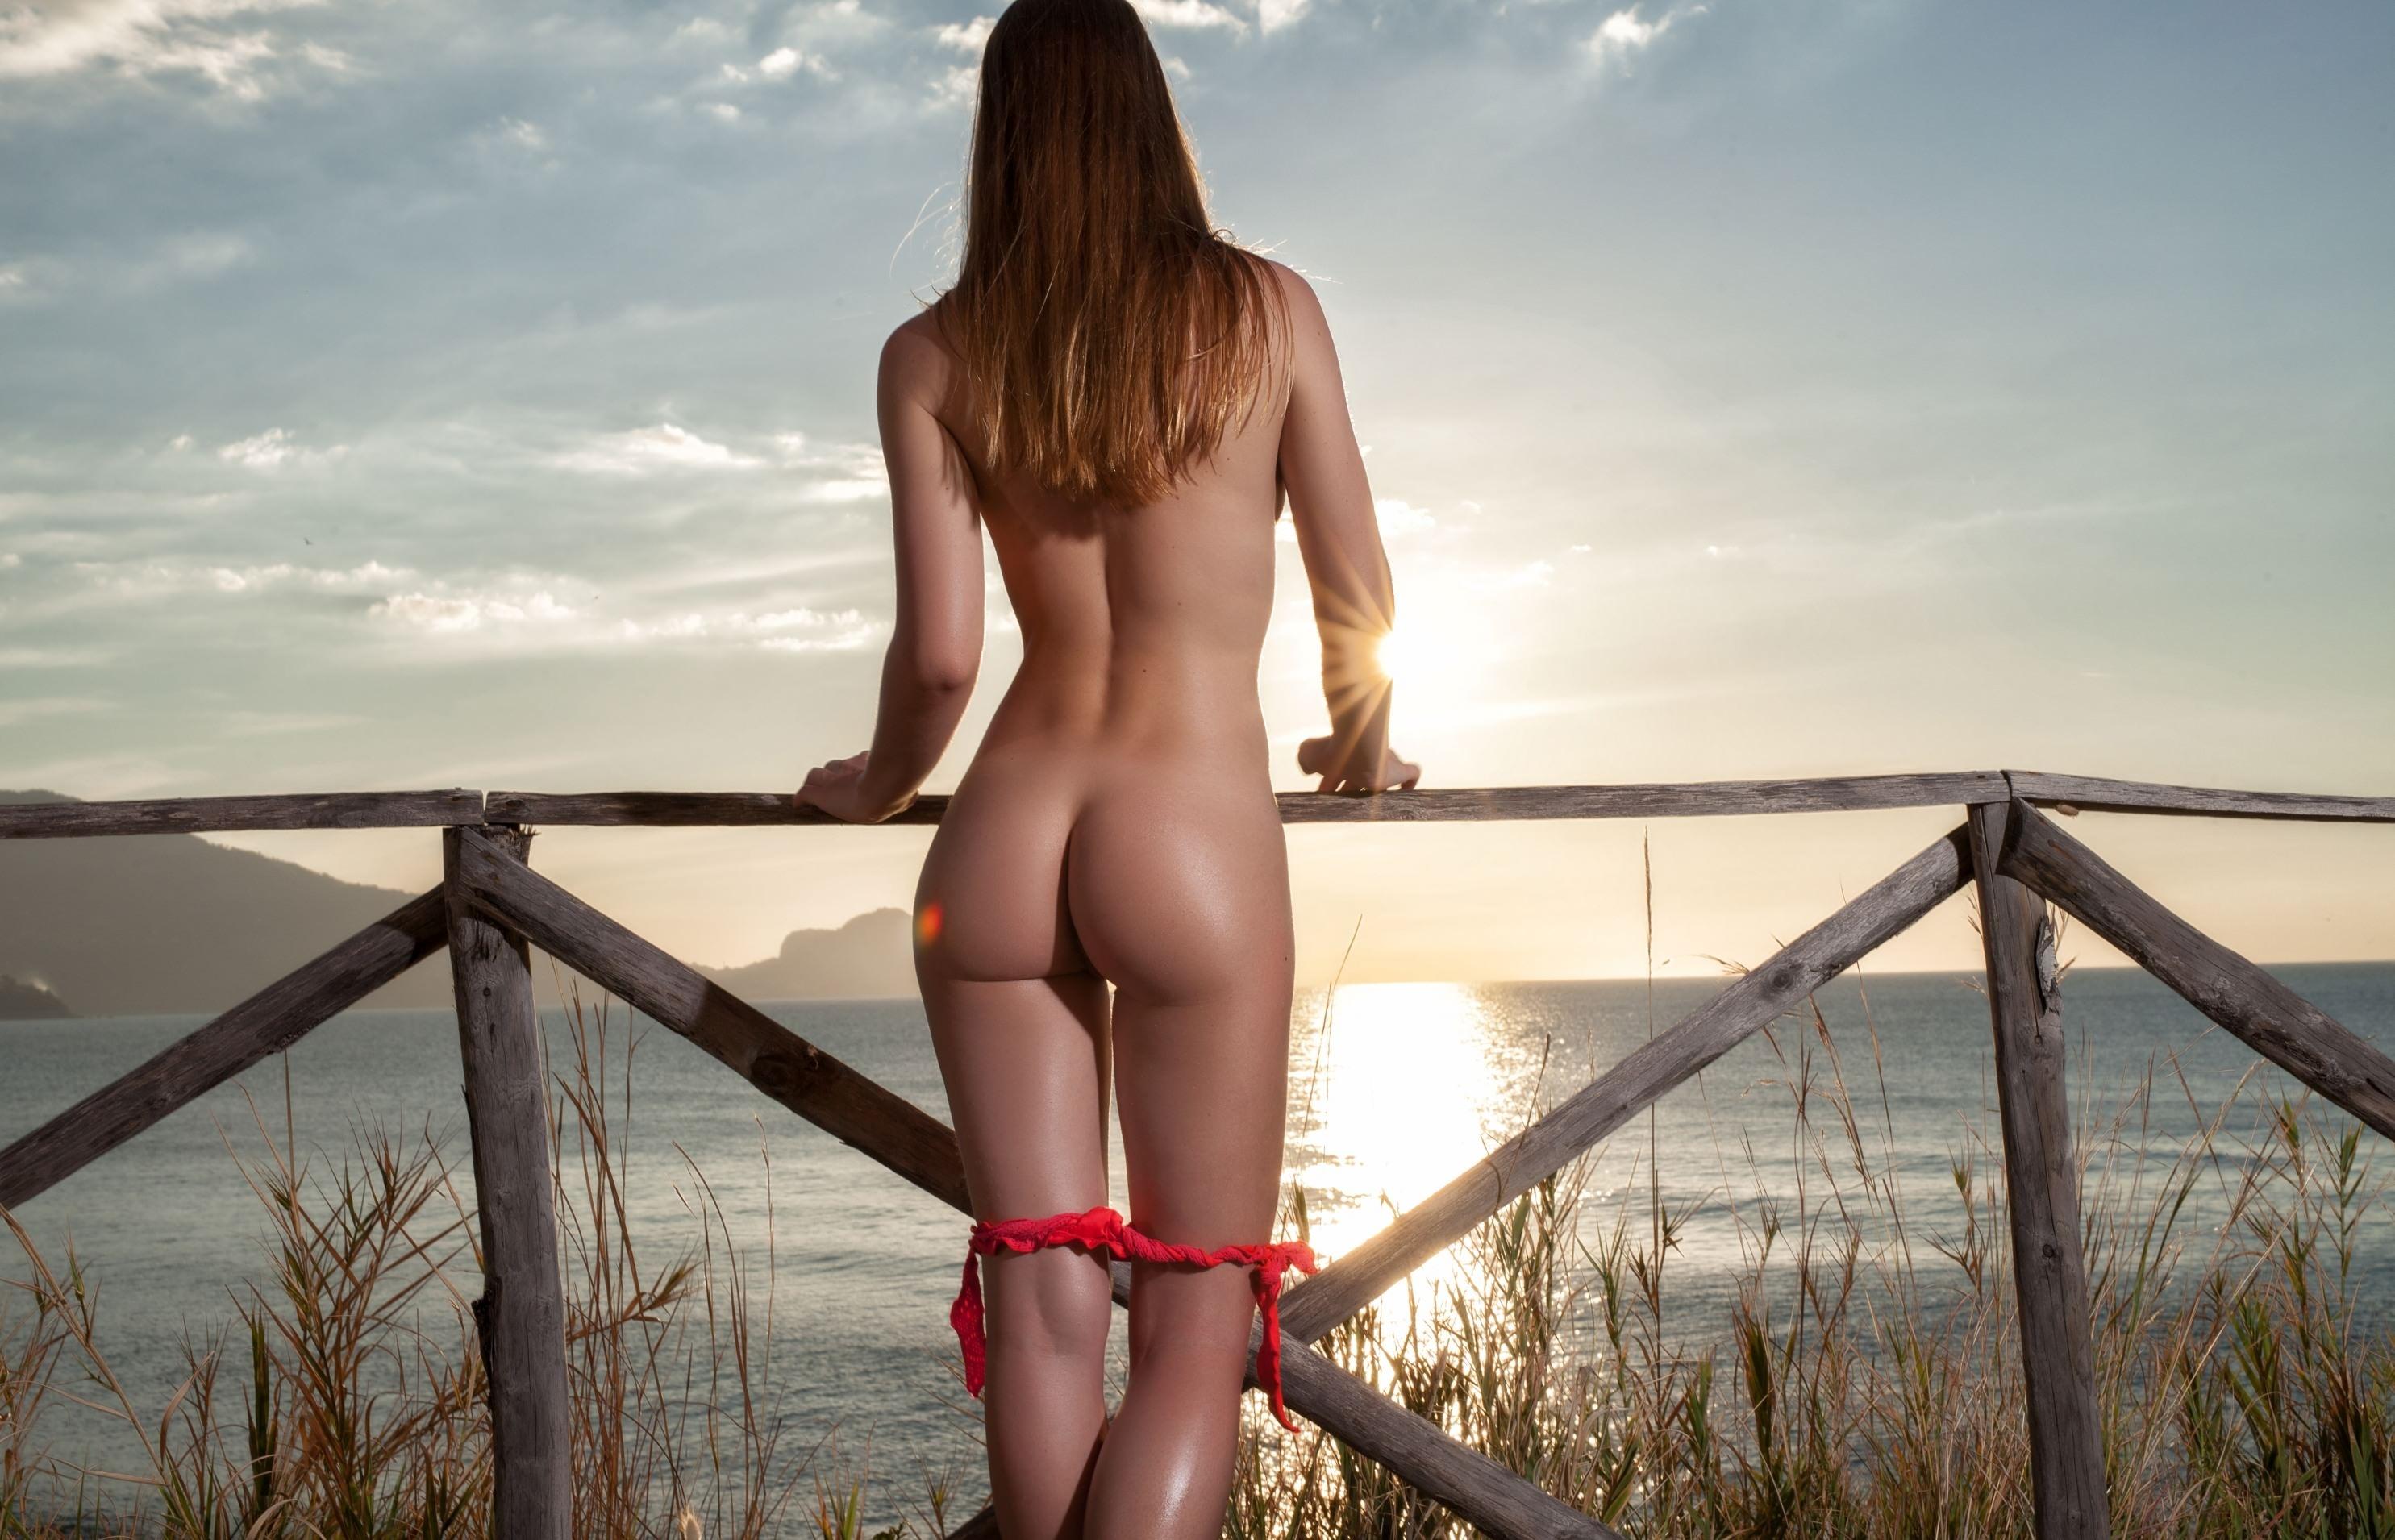 Фото Девушка стянула розовые трусики до колен, смотрит на горизонт, закат, море, забор, классная попа, скачать картинку бесплатно